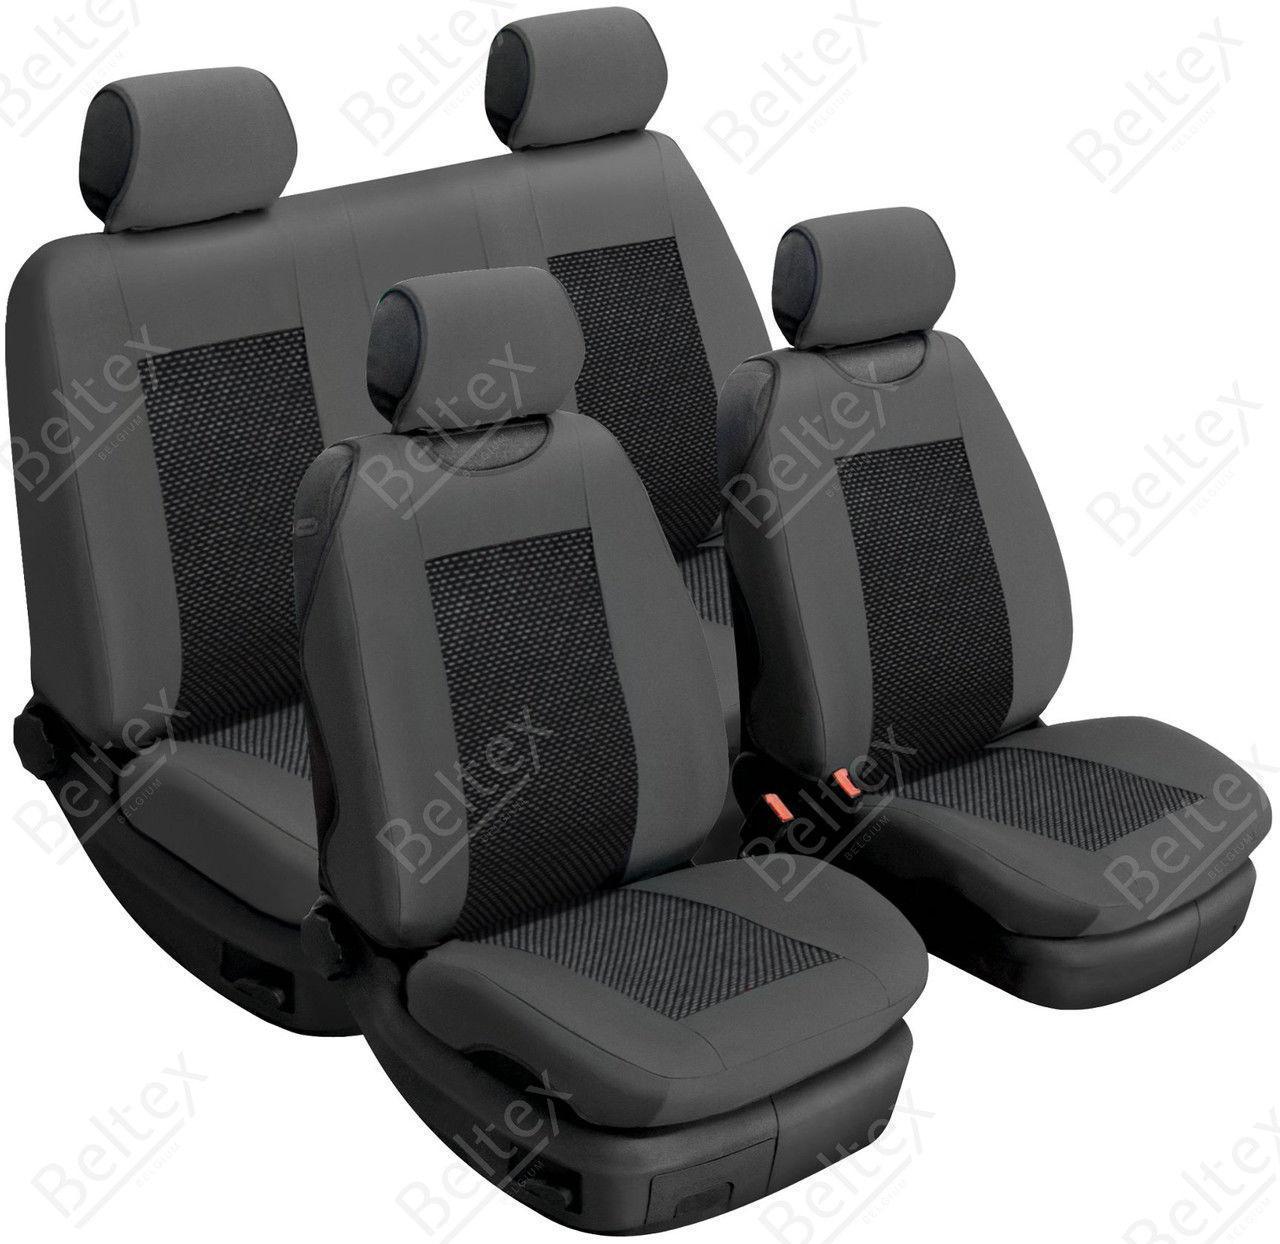 Майки/чехлы на сиденья Ниссан Кашкай (Nissan Qashqai)